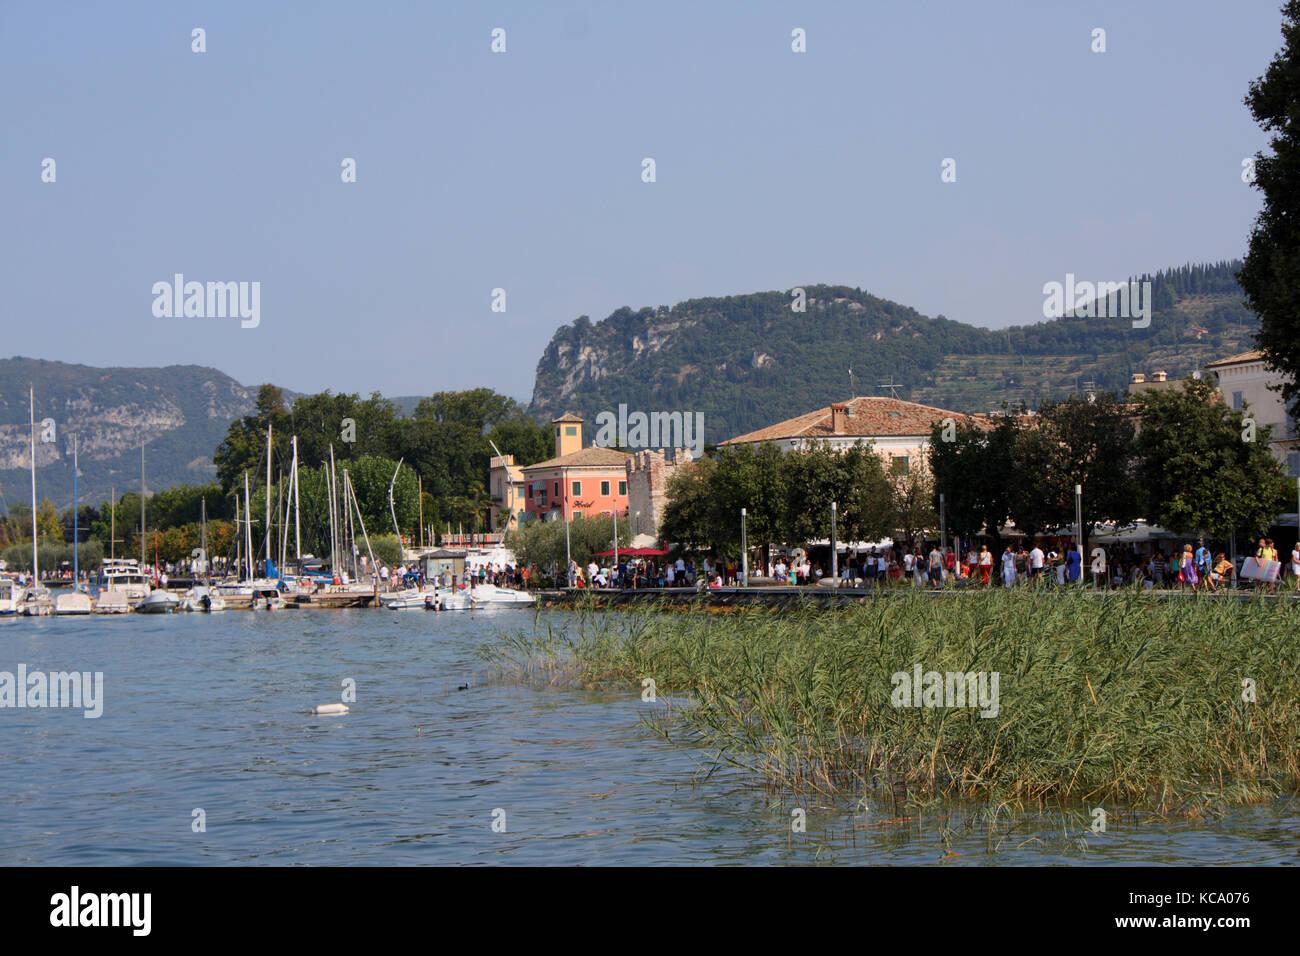 Markt an der Promenade in Bardolino am Gardasee Stock Photo